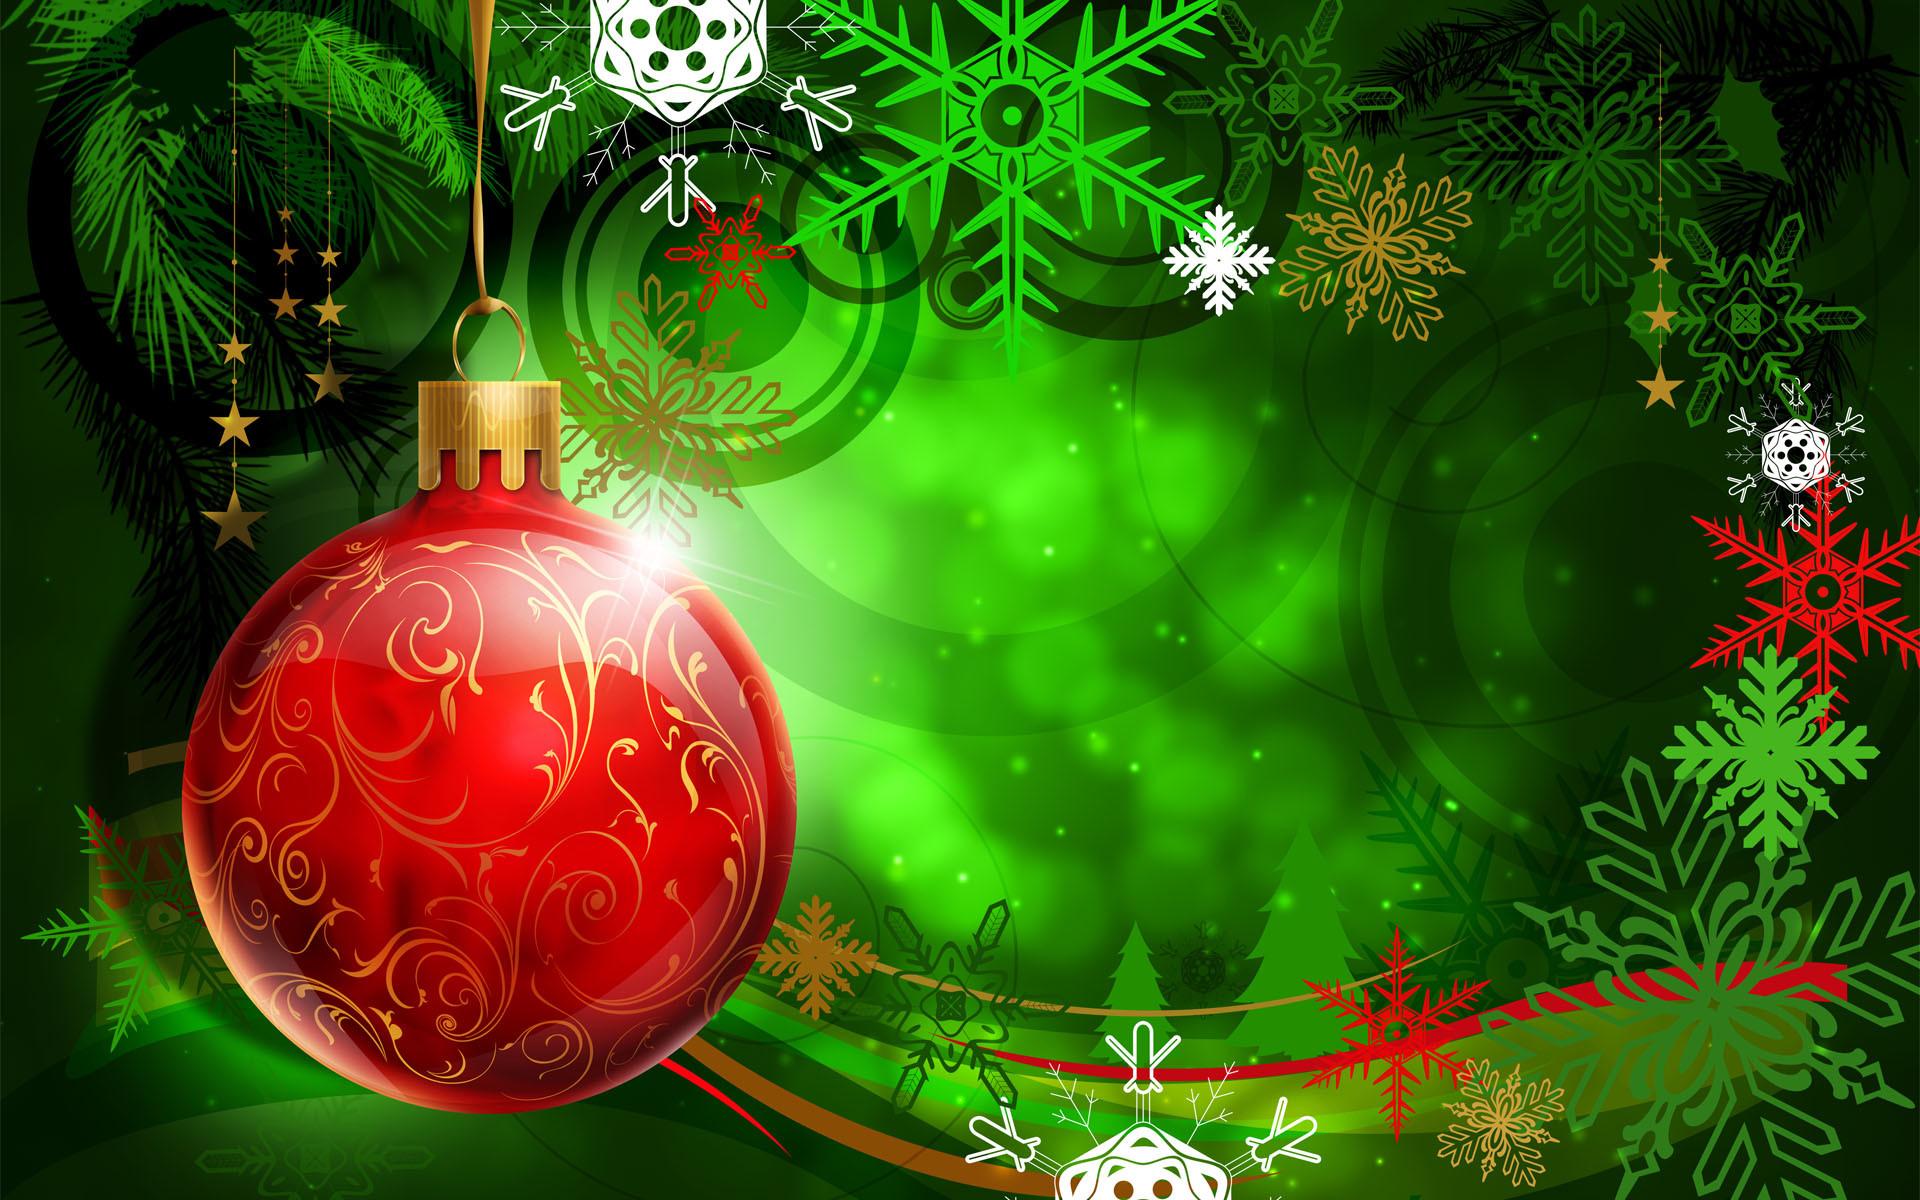 Christmas Wallpaper for Desktop   Christmas New Year Wallpaper 147, Free  Desktop Wallpapers, Cool